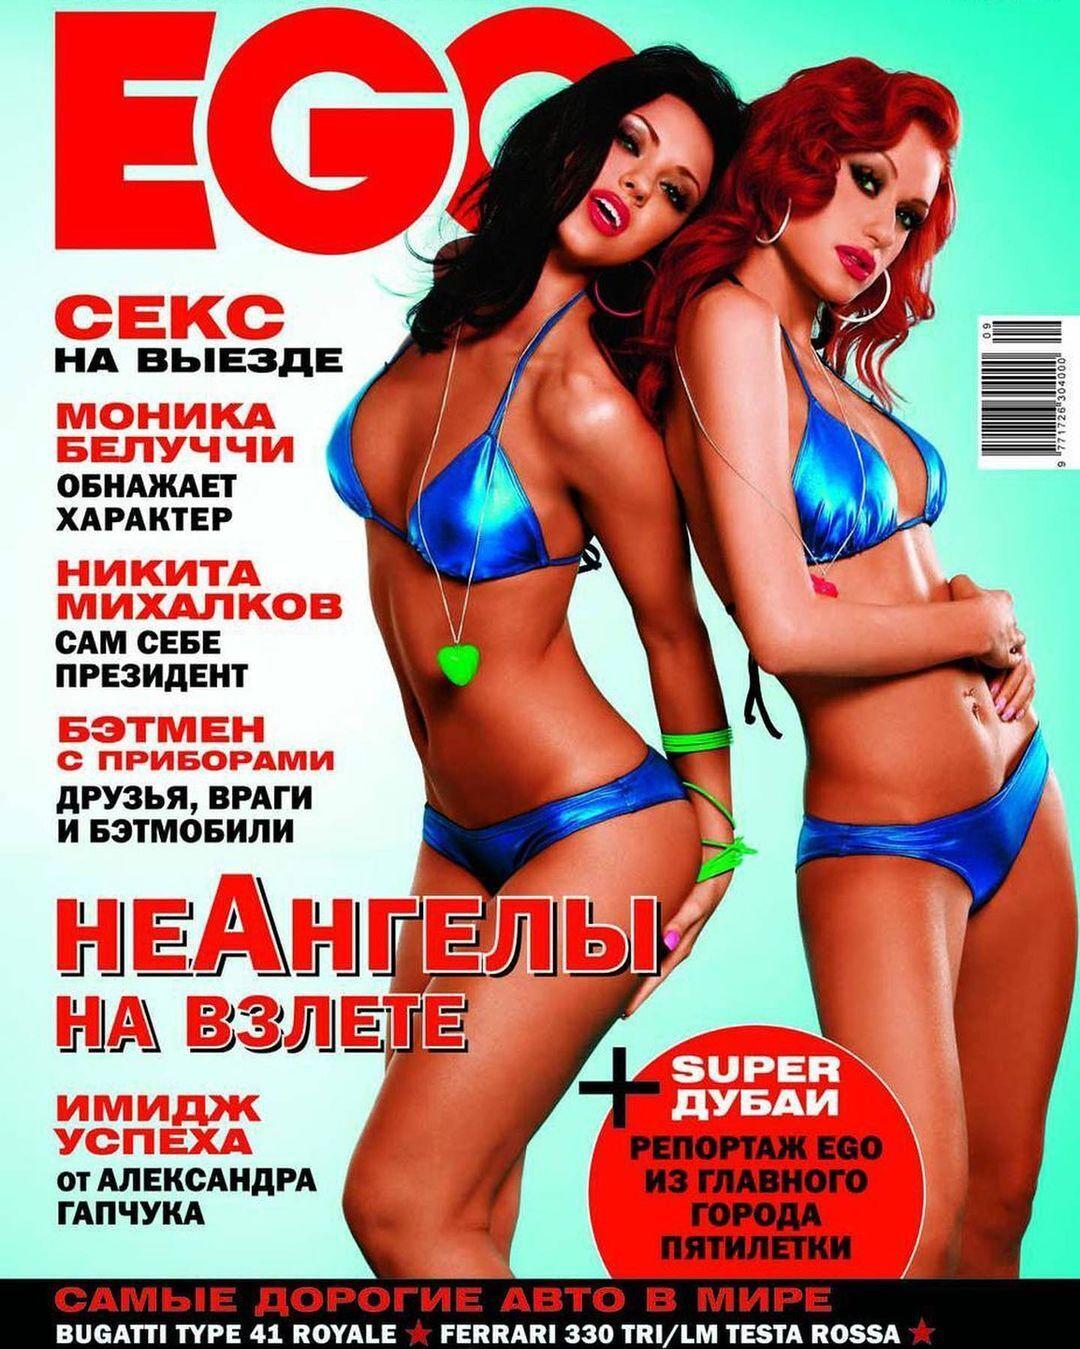 """Солистки группы """"НеАнгелы"""" на обложке журнала """"Ego"""""""